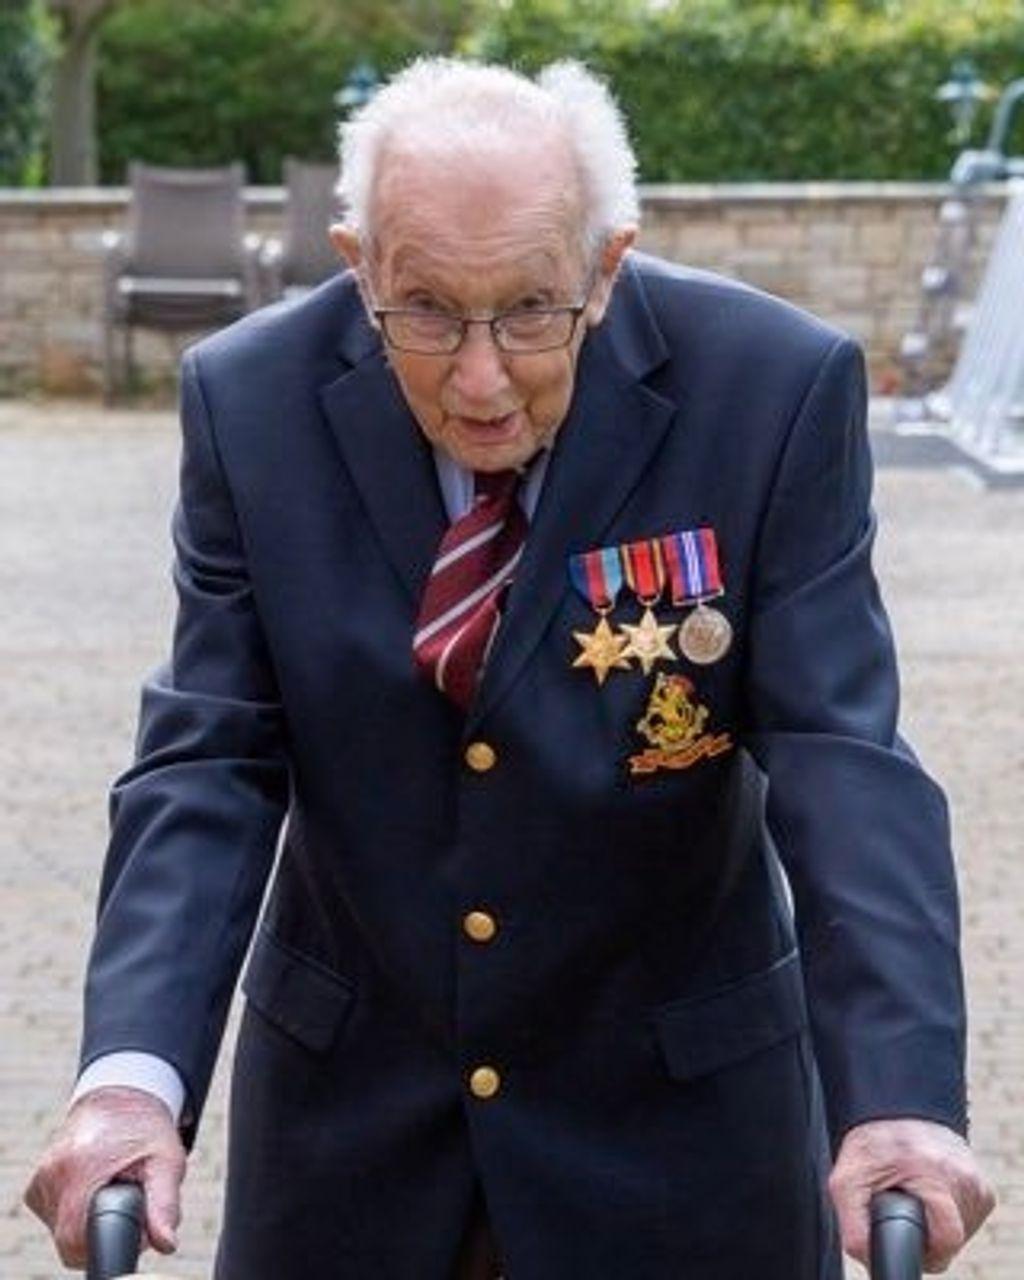 British World War II veteran Captain Tom Moore [Credit: Twitter @captaintommoore]